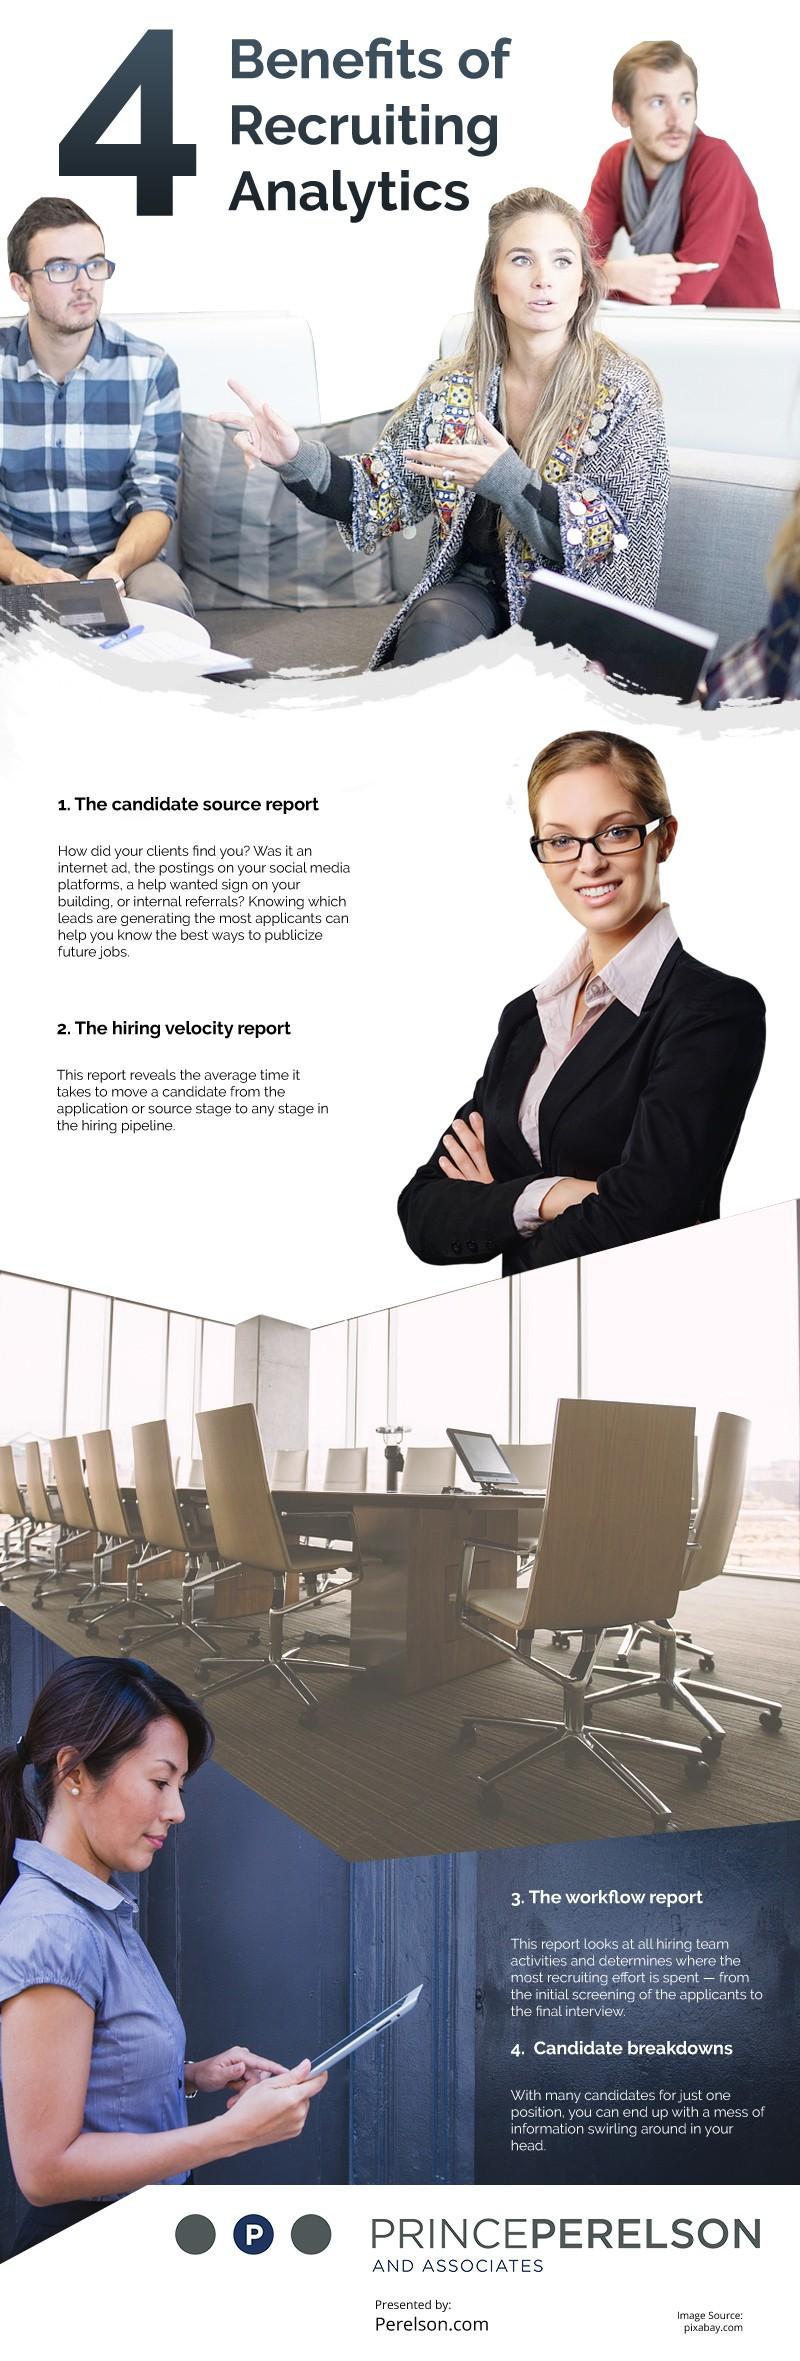 4 Benefits of Recruiting Analytics